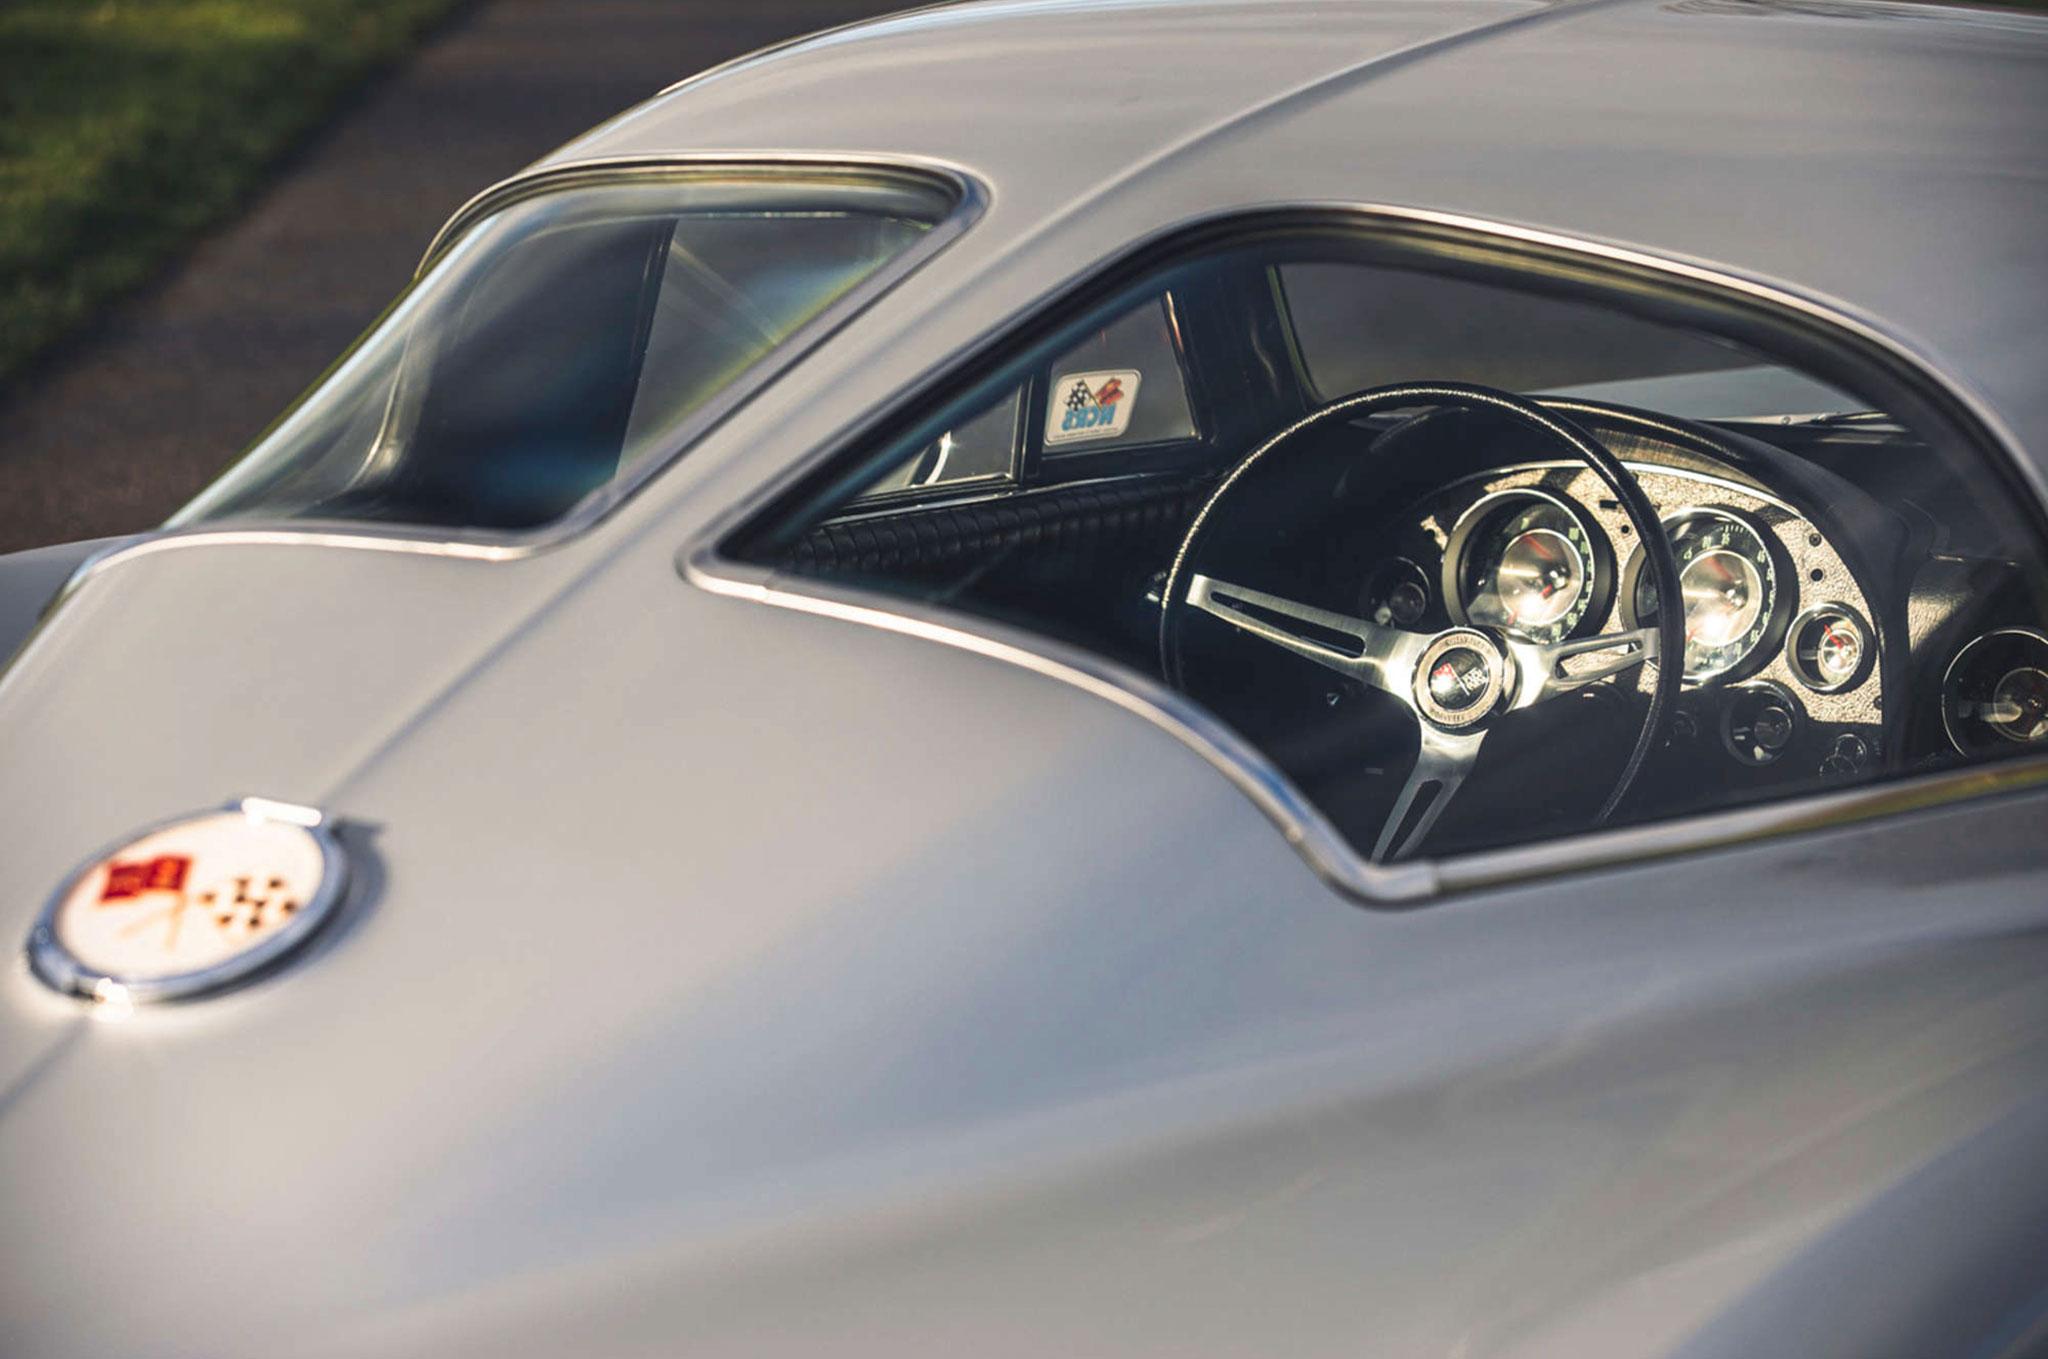 1963 Chevrolet Corvette C2 Split-Window détail de la Split-Window.